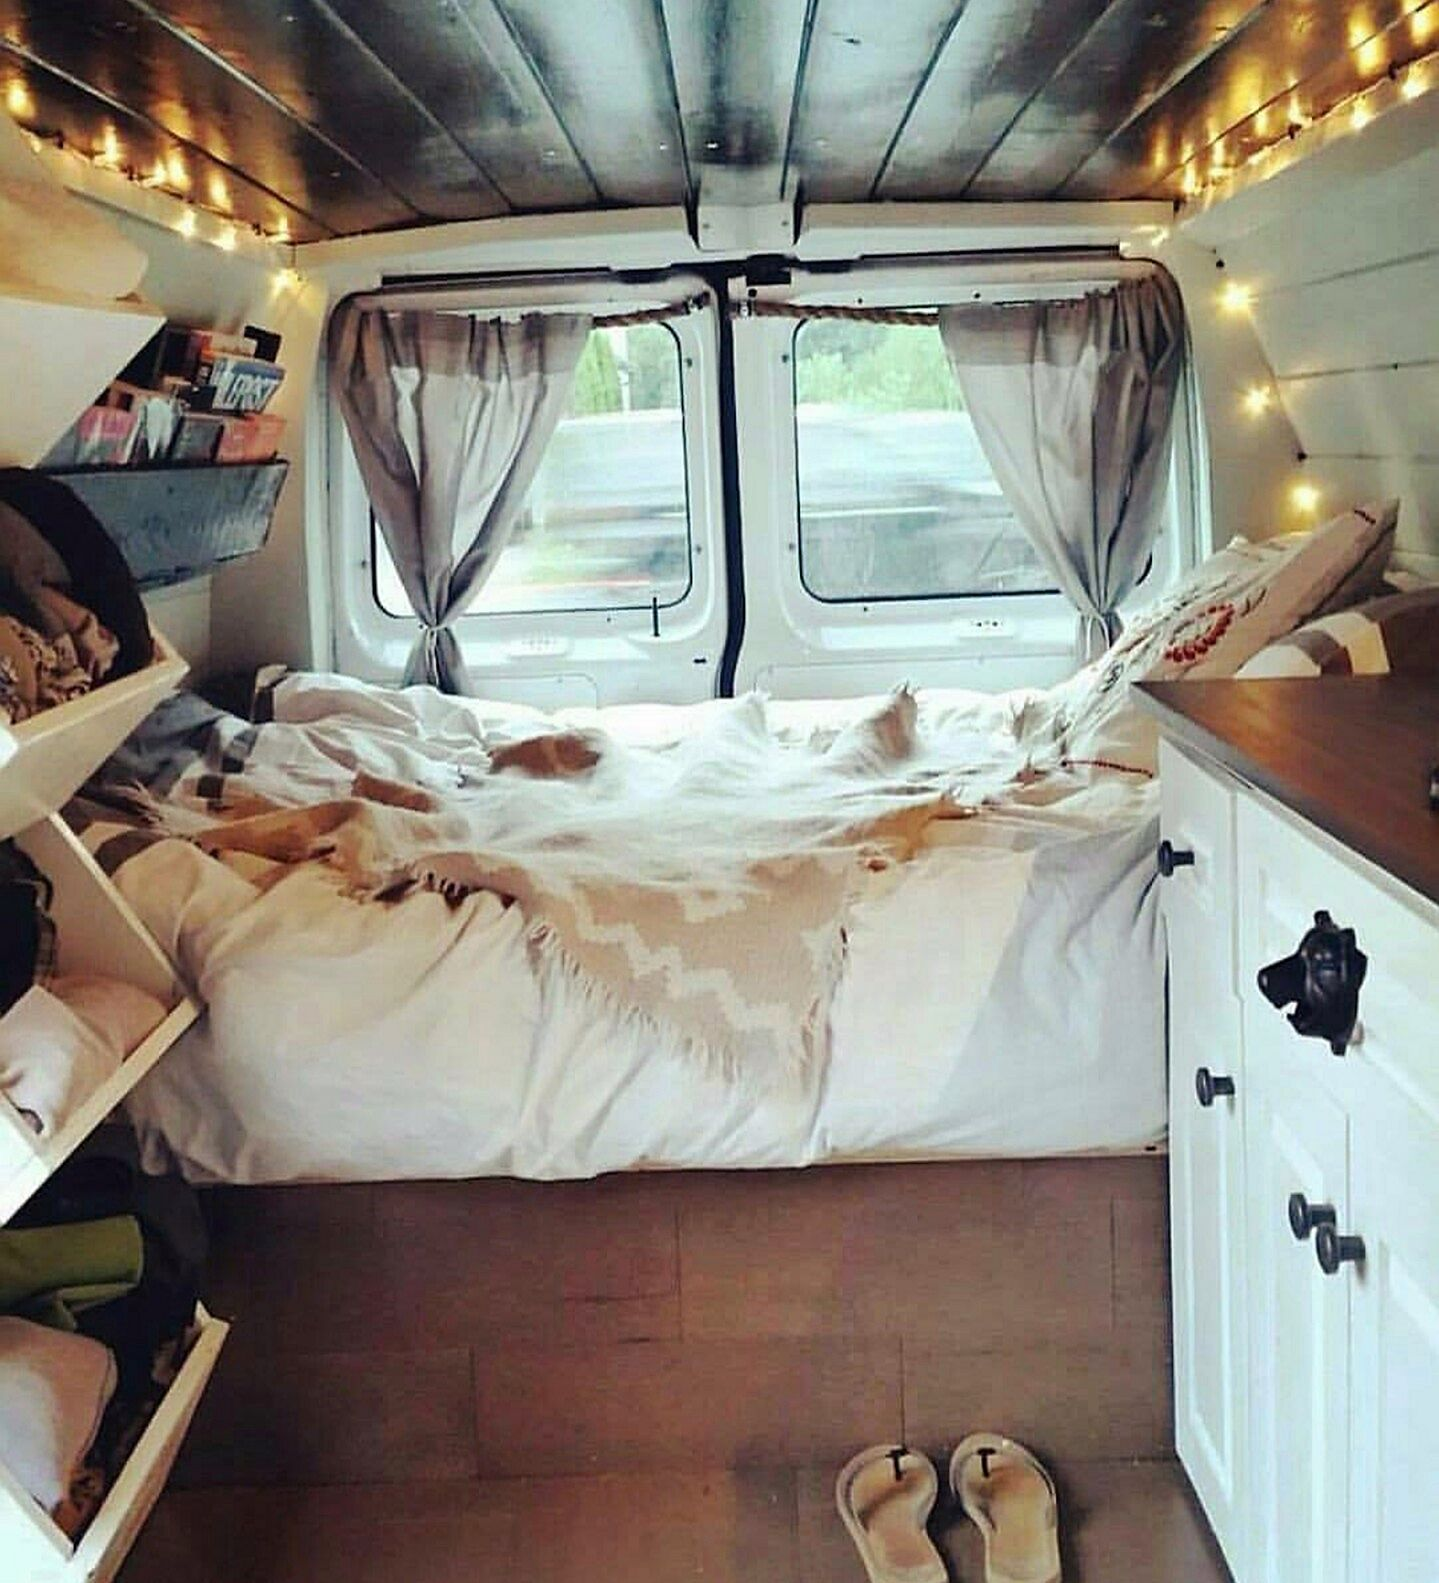 diy camper van conversion to make your road trips awesome no 22 camper build pinterest. Black Bedroom Furniture Sets. Home Design Ideas